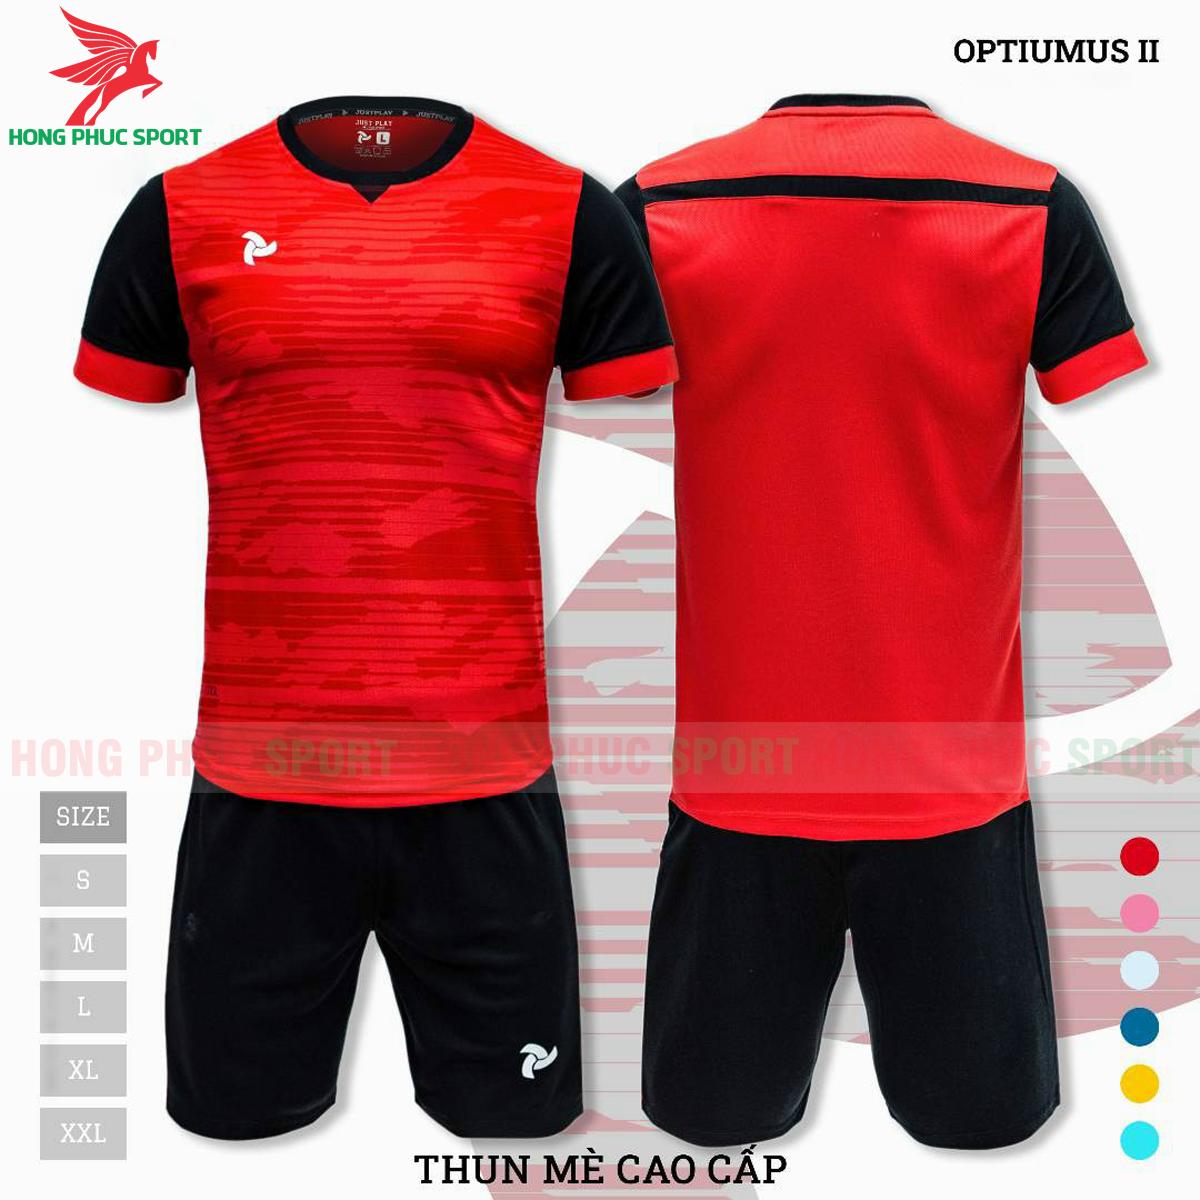 Áo đấu không logo Justplay Optiumus II 2021 màu đỏ